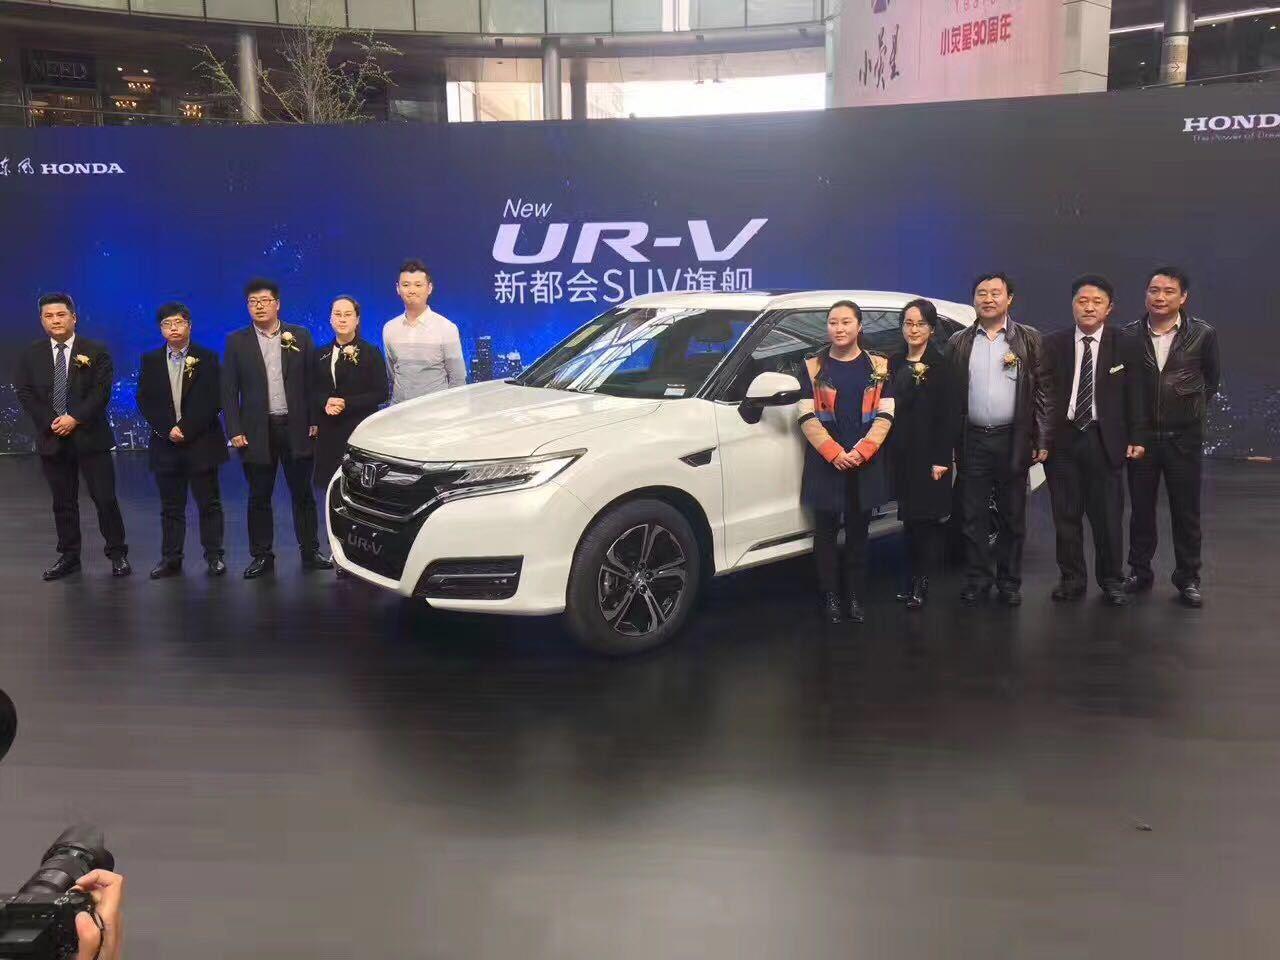 东风本田UR-V上海区域上市 售价24.68万起售